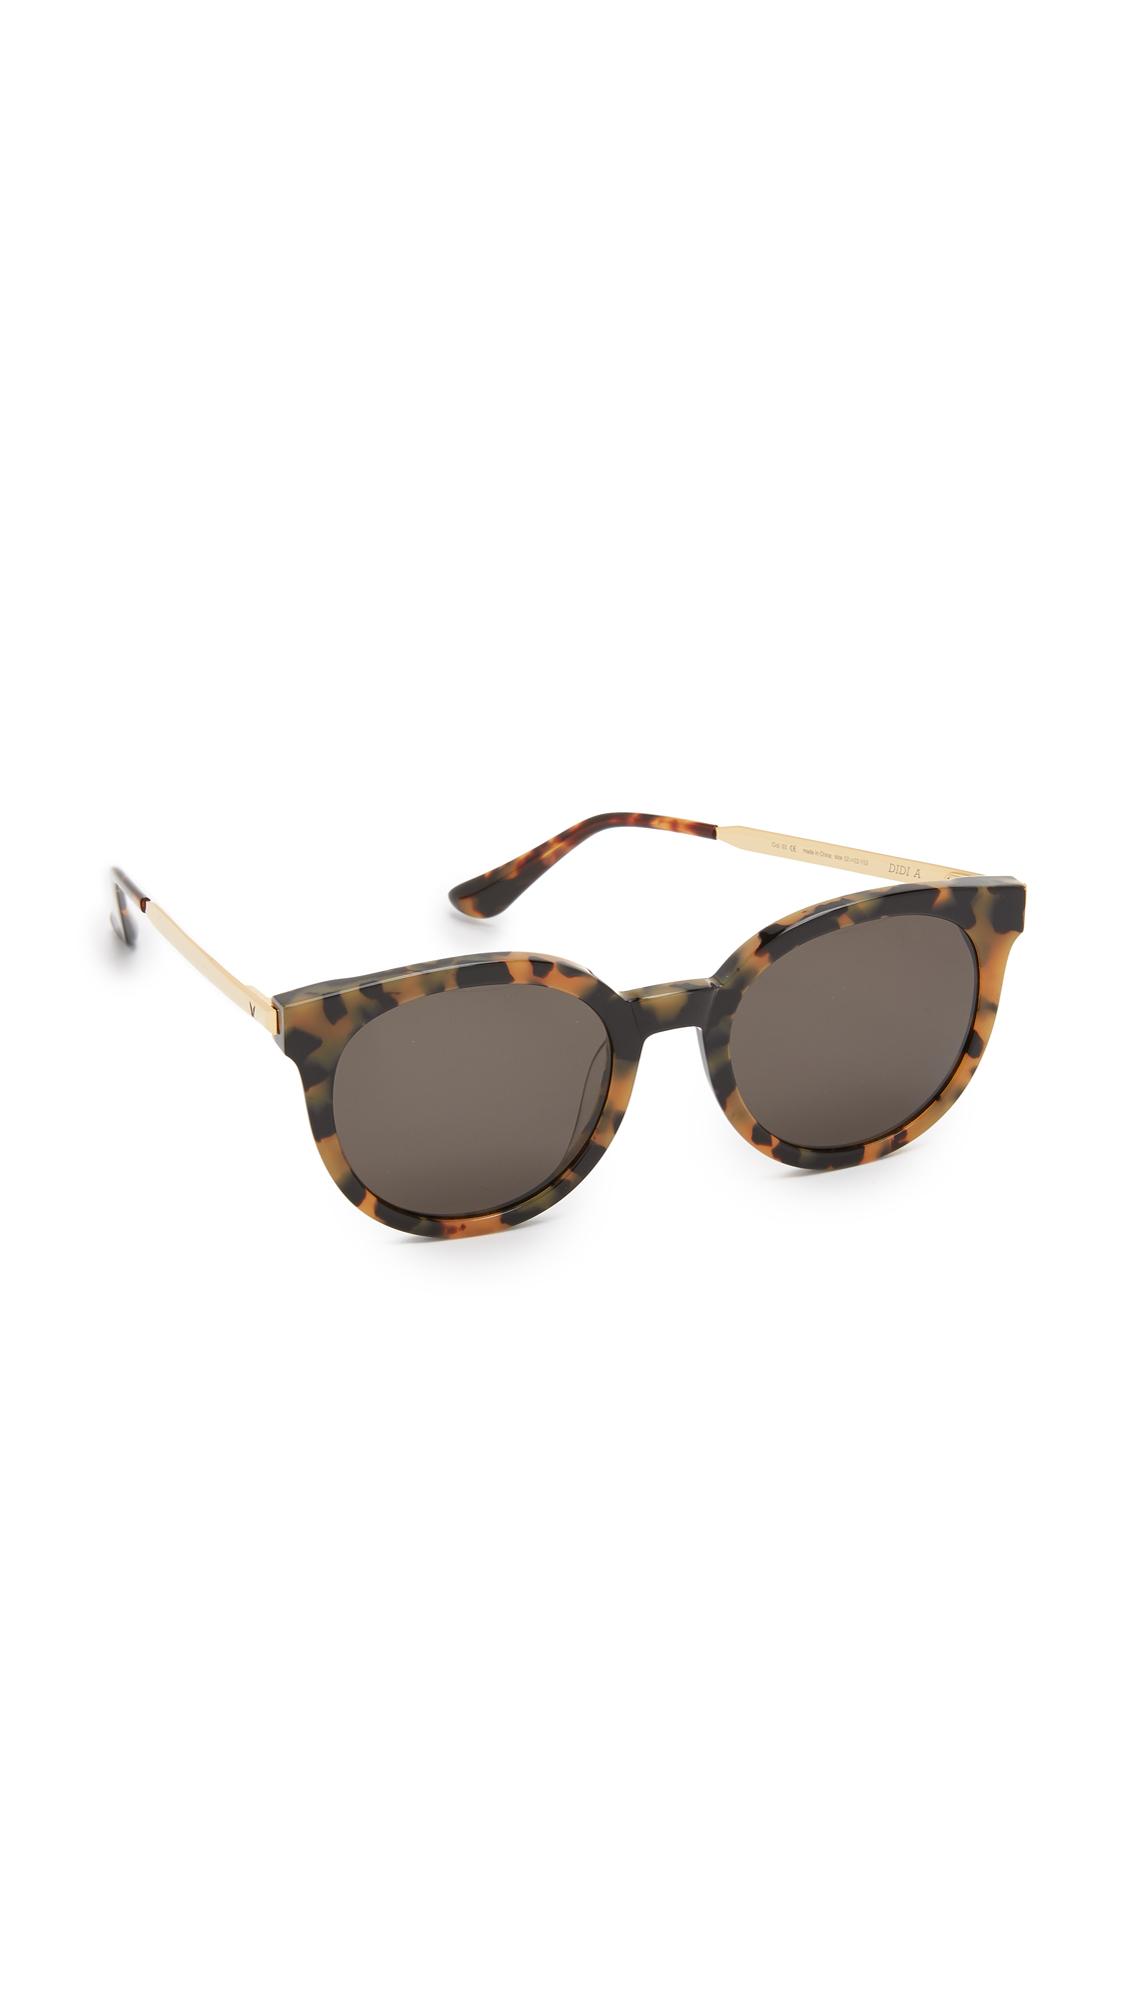 69af14502345 Gentle Monster Didi A Sunglasses on PopScreen